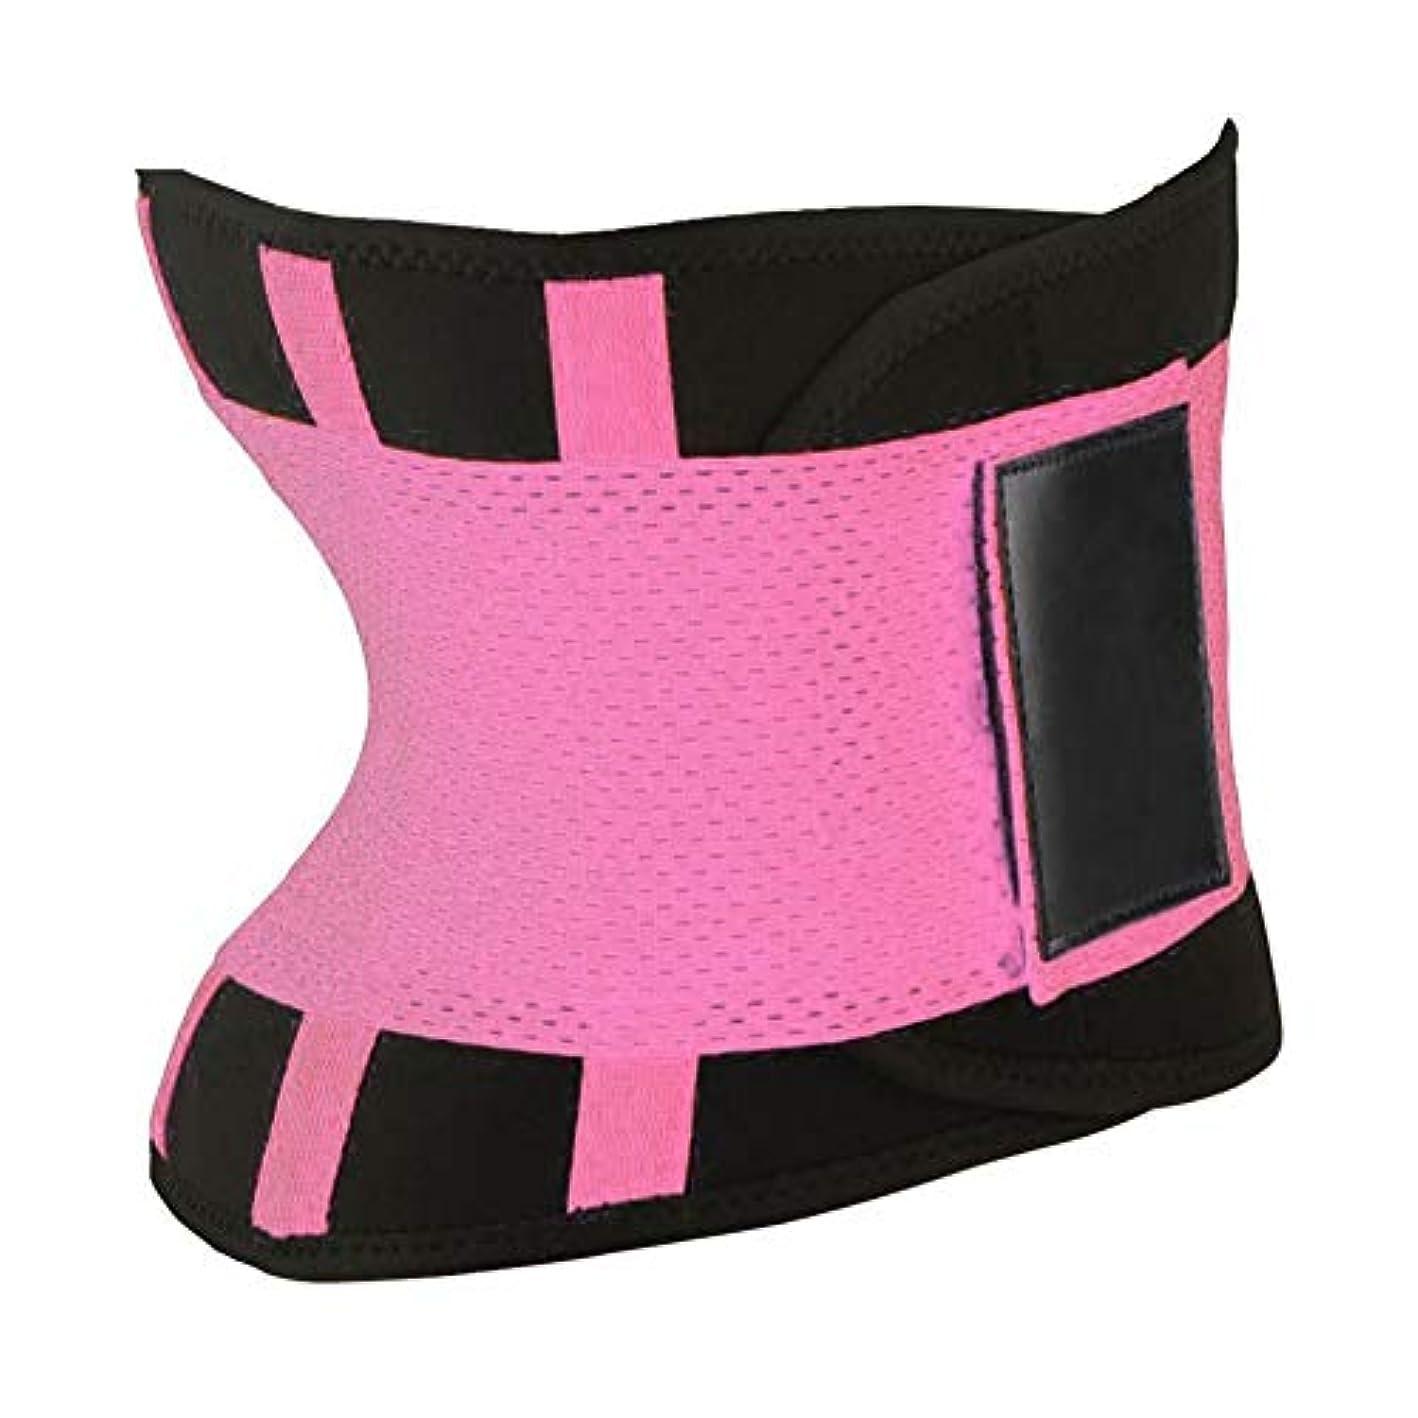 テザーピル勝者快適な女性ボディシェイパー痩身シェイパーベルトスポーツ女性ウエストトレーナーニッパー制御バーニングボディおなかベルト - ピンク2xl